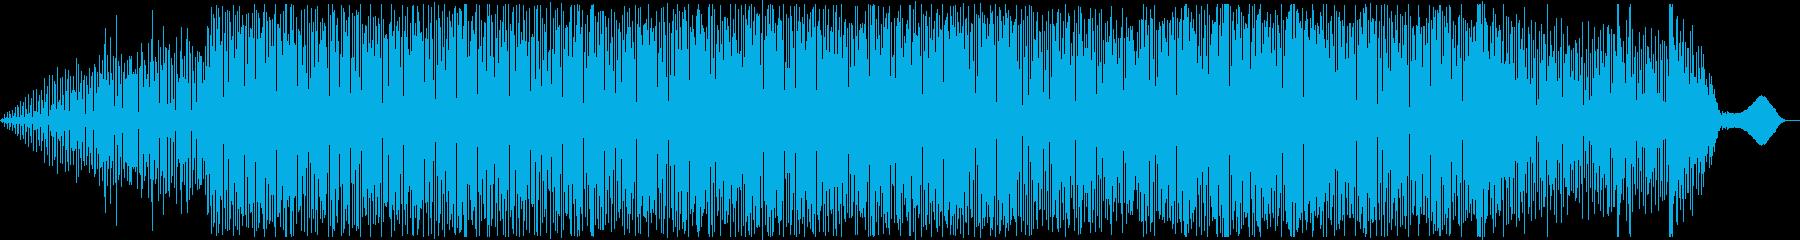 ゆったり穏やかなテクノ(アナログシンセ)の再生済みの波形